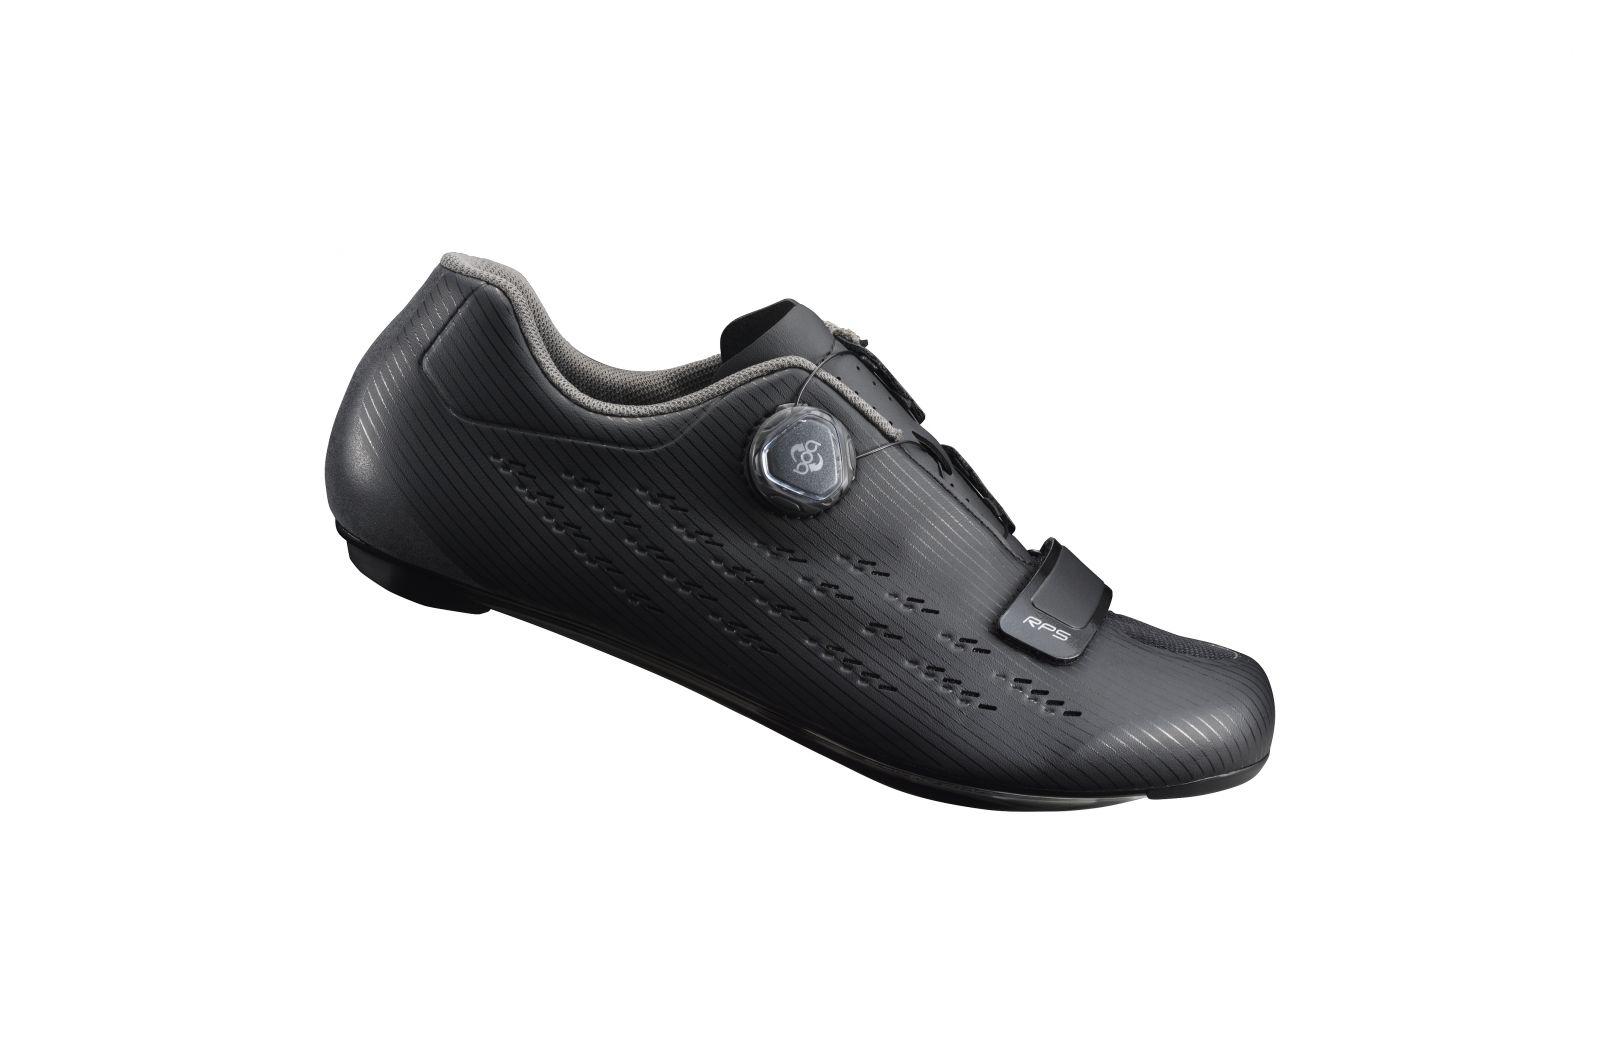 SHIMANO silniční obuv SH-RP501ML, černá, 47